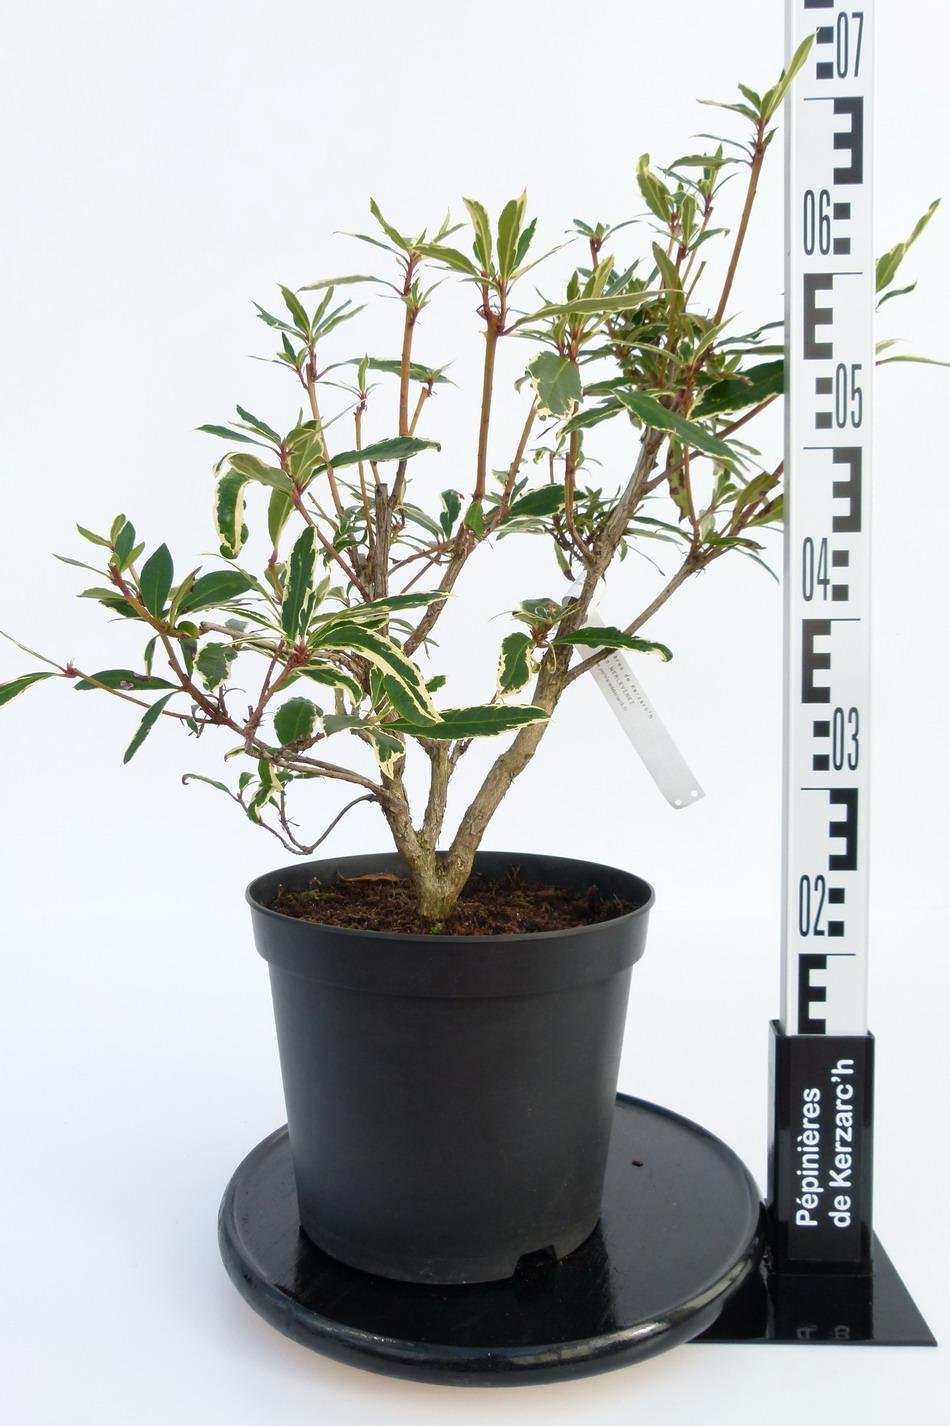 Rhododendron ponticum variegatum rhododendron pontique panach p pini re en ligne de kerzarc 39 h - Comment planter un rhododendron ...